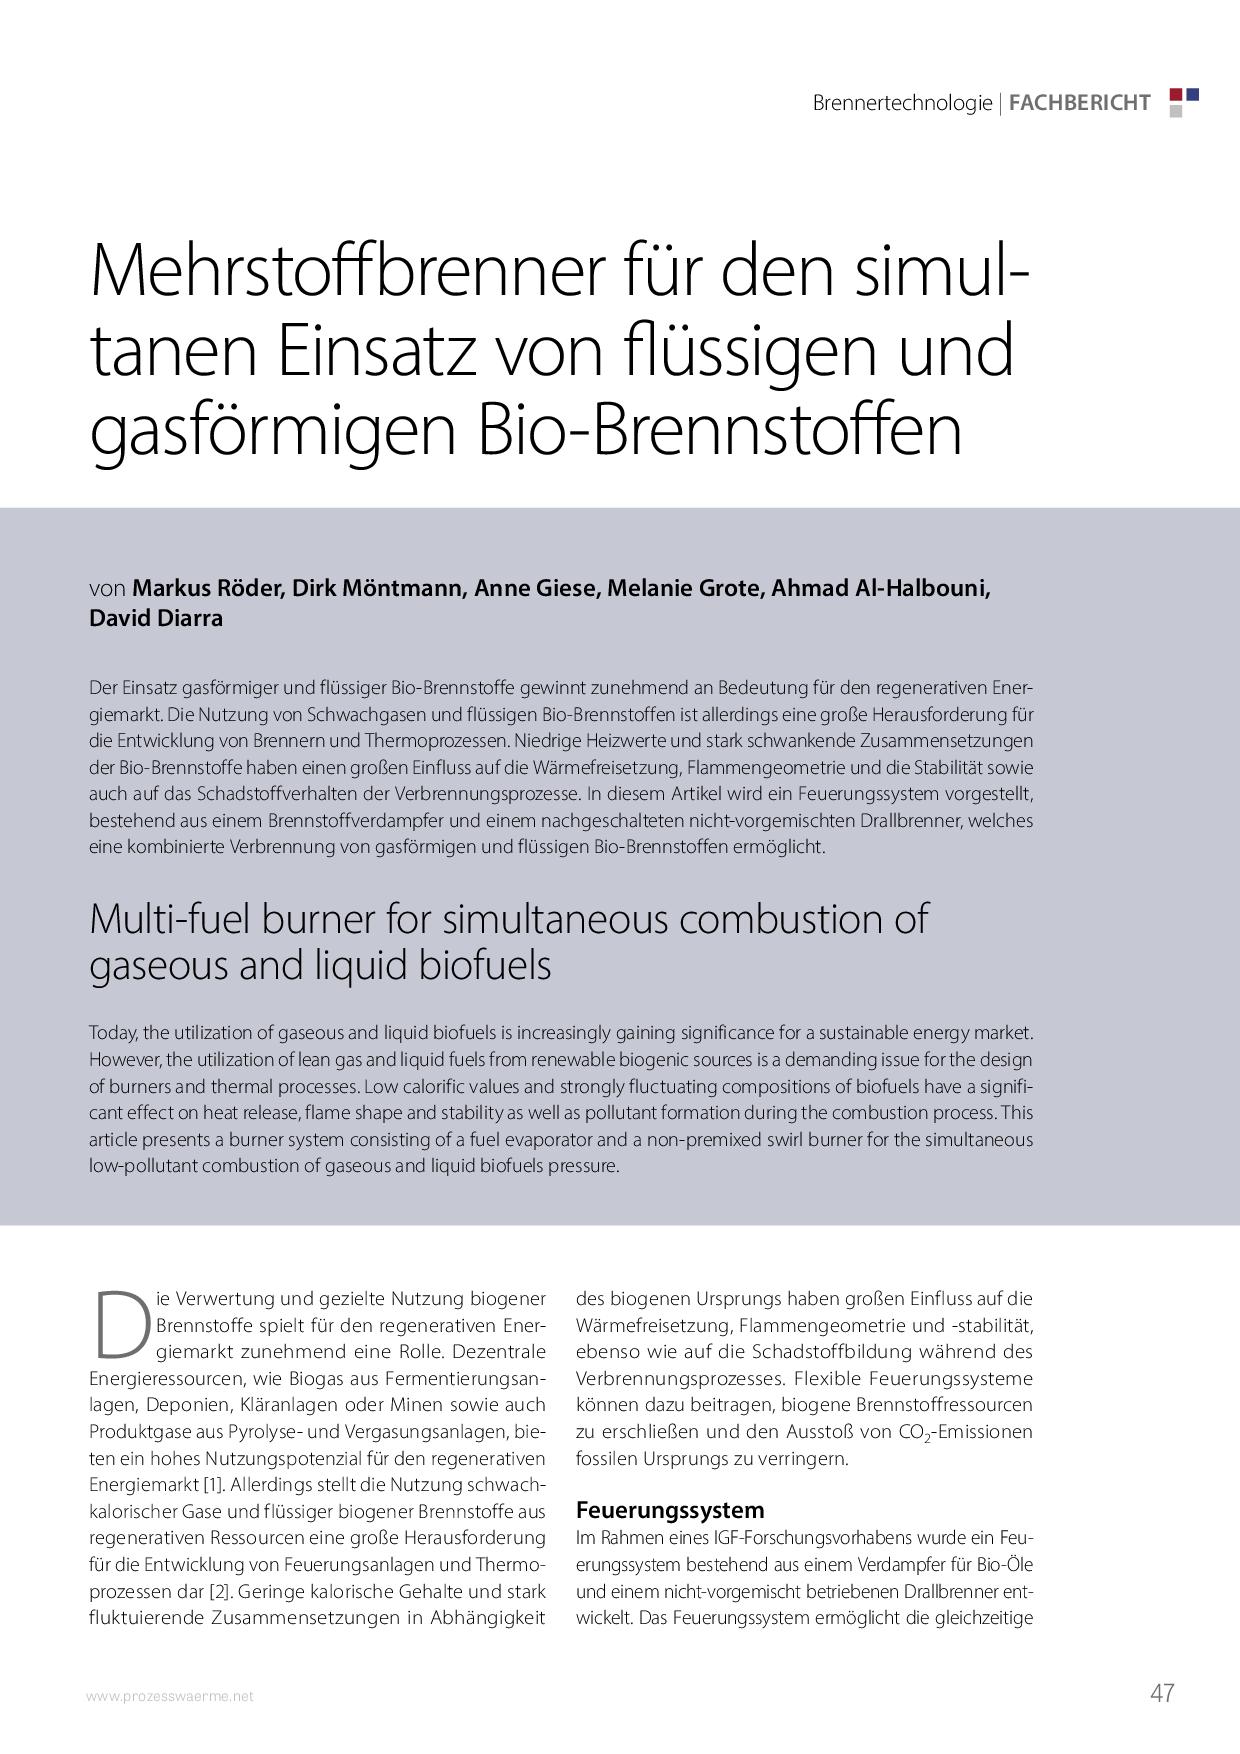 Mehrstoffbrenner für den simultanen Einsatz von flüssigen und gasförmigen Bio-Brennstoffen